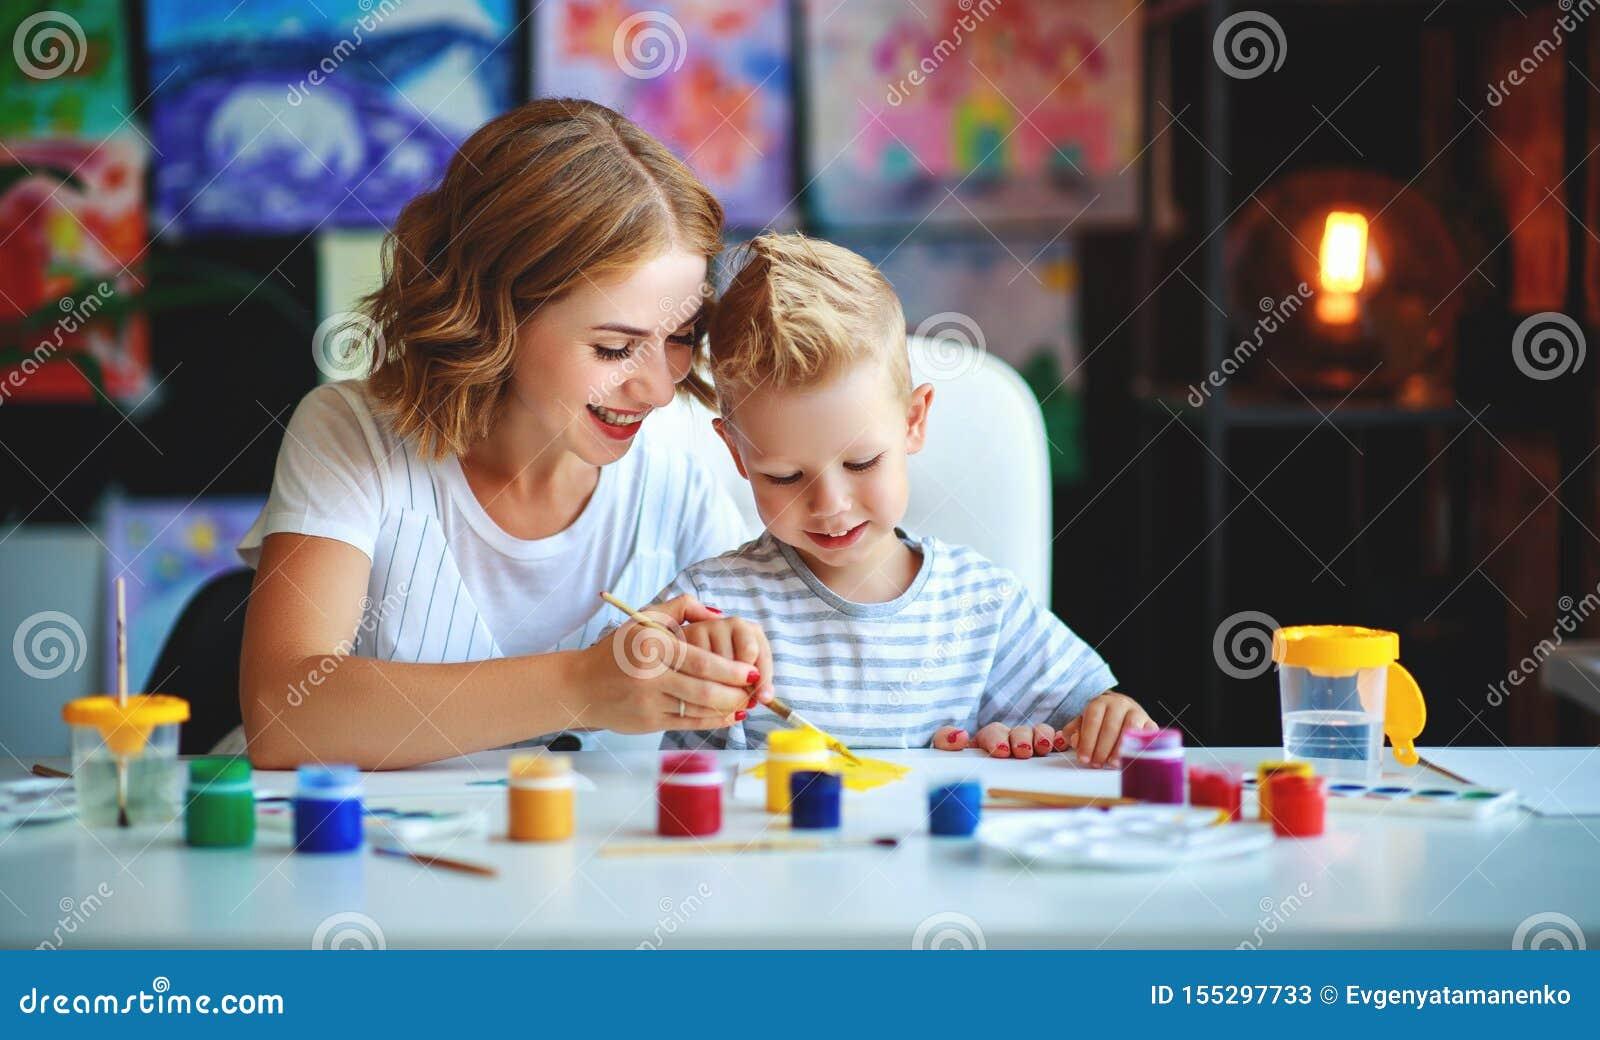 Matki i dziecka syna obrazu remisy w twórczości w dziecinu matki i dziecka syna obrazu remisy angażują w twórczości